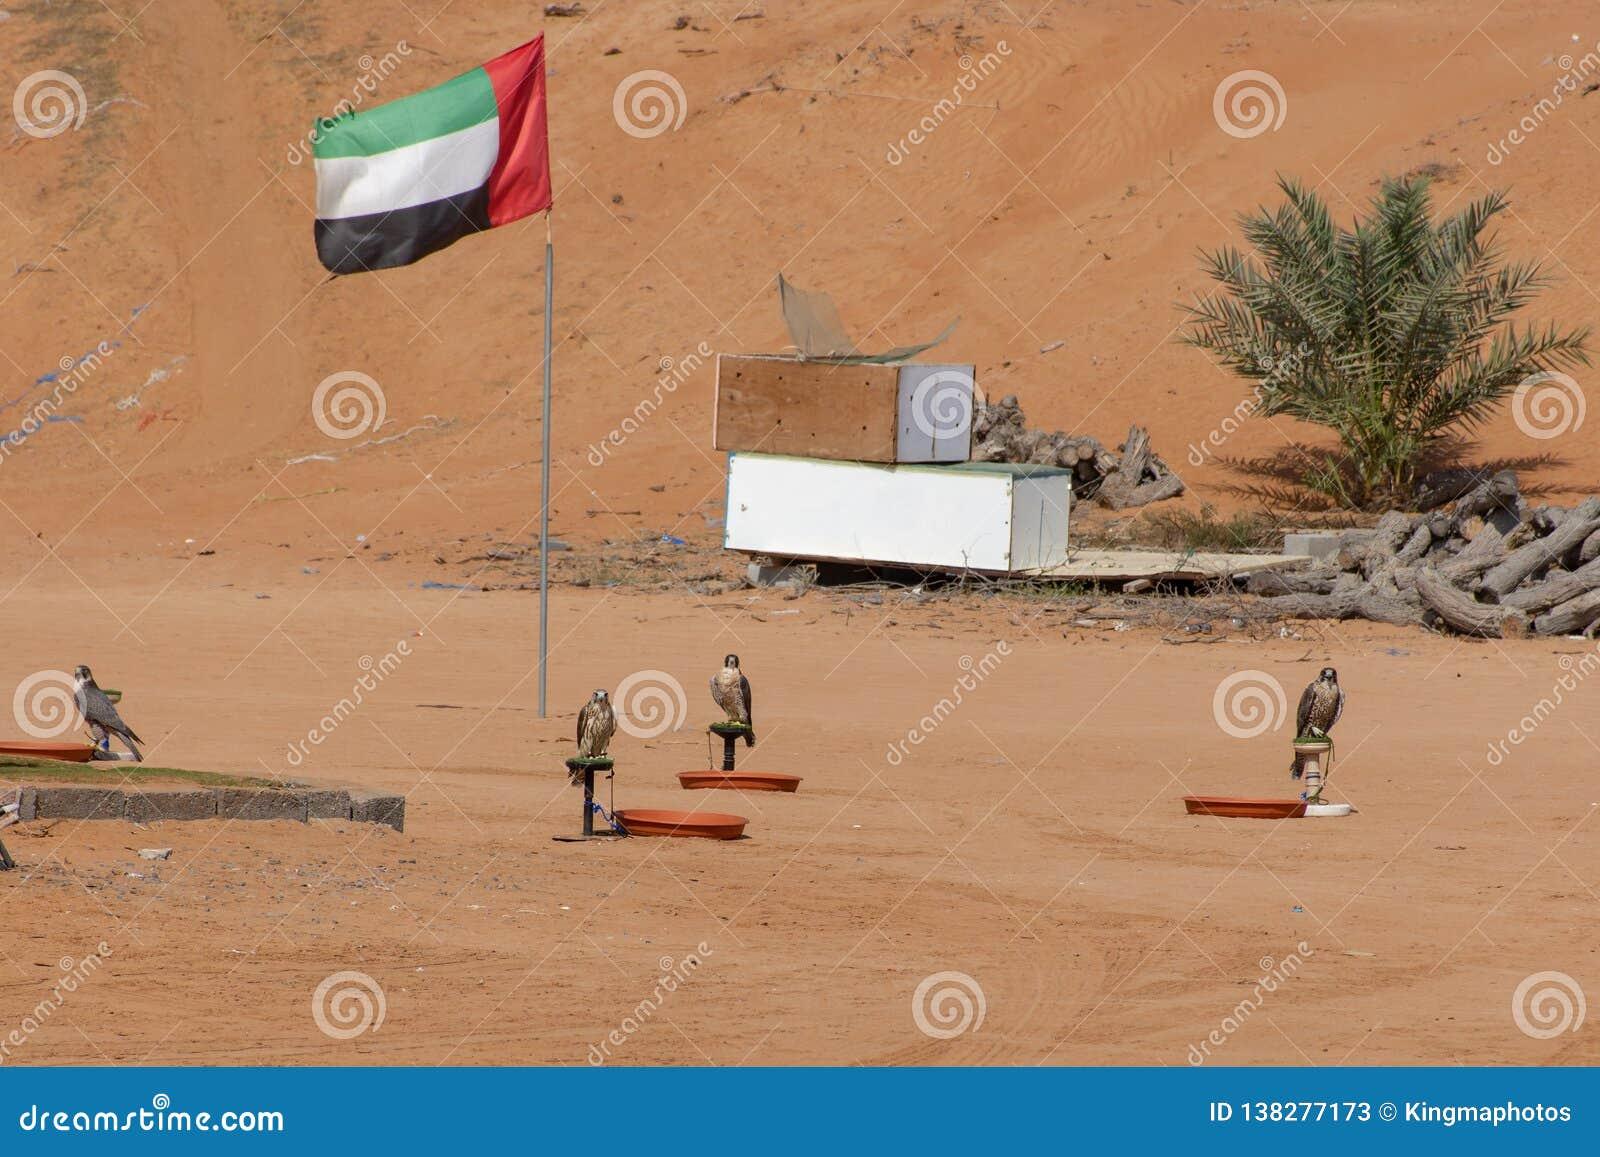 Fyra falkar står på deras utbildande stolpe med UAE sjunker i bakgrunden